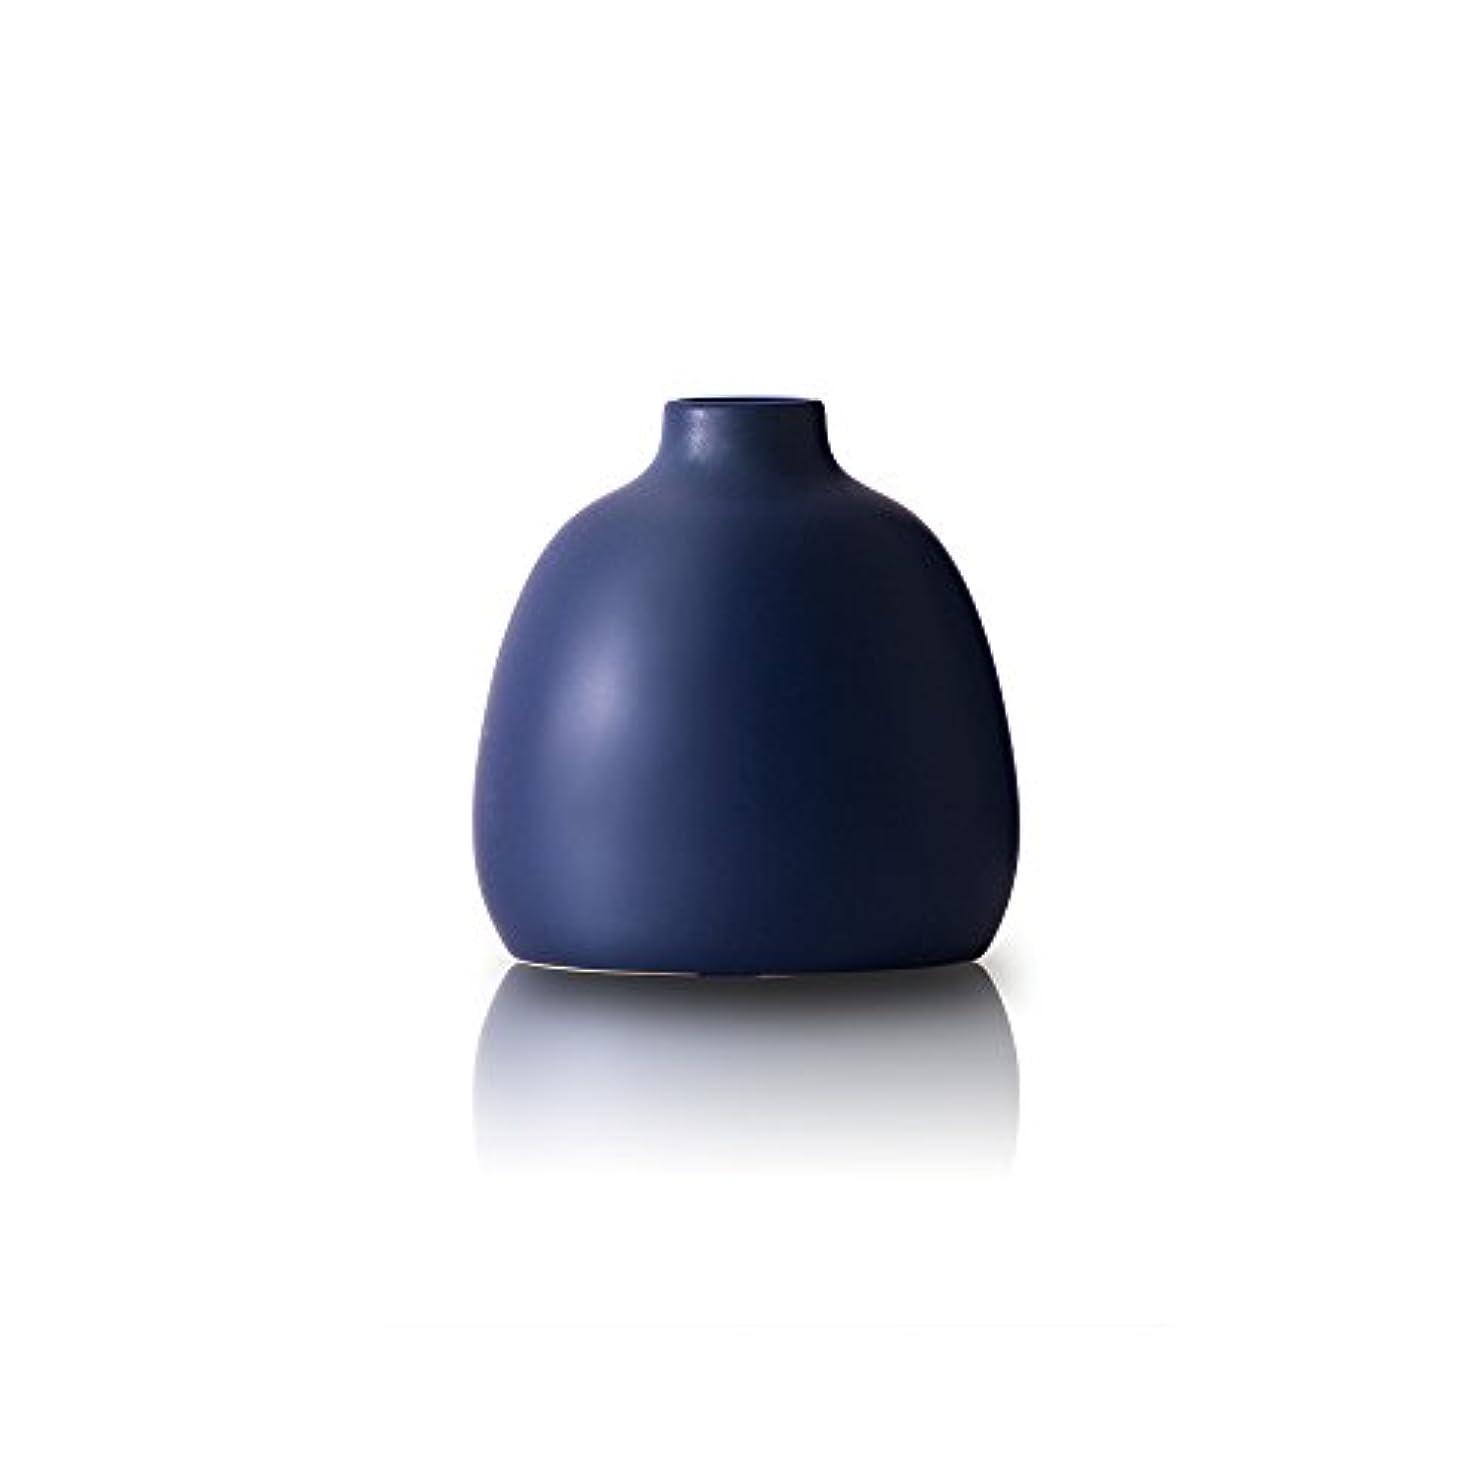 借りる不信絶滅したOnlili 陶器 アロマディフューザー ブルー